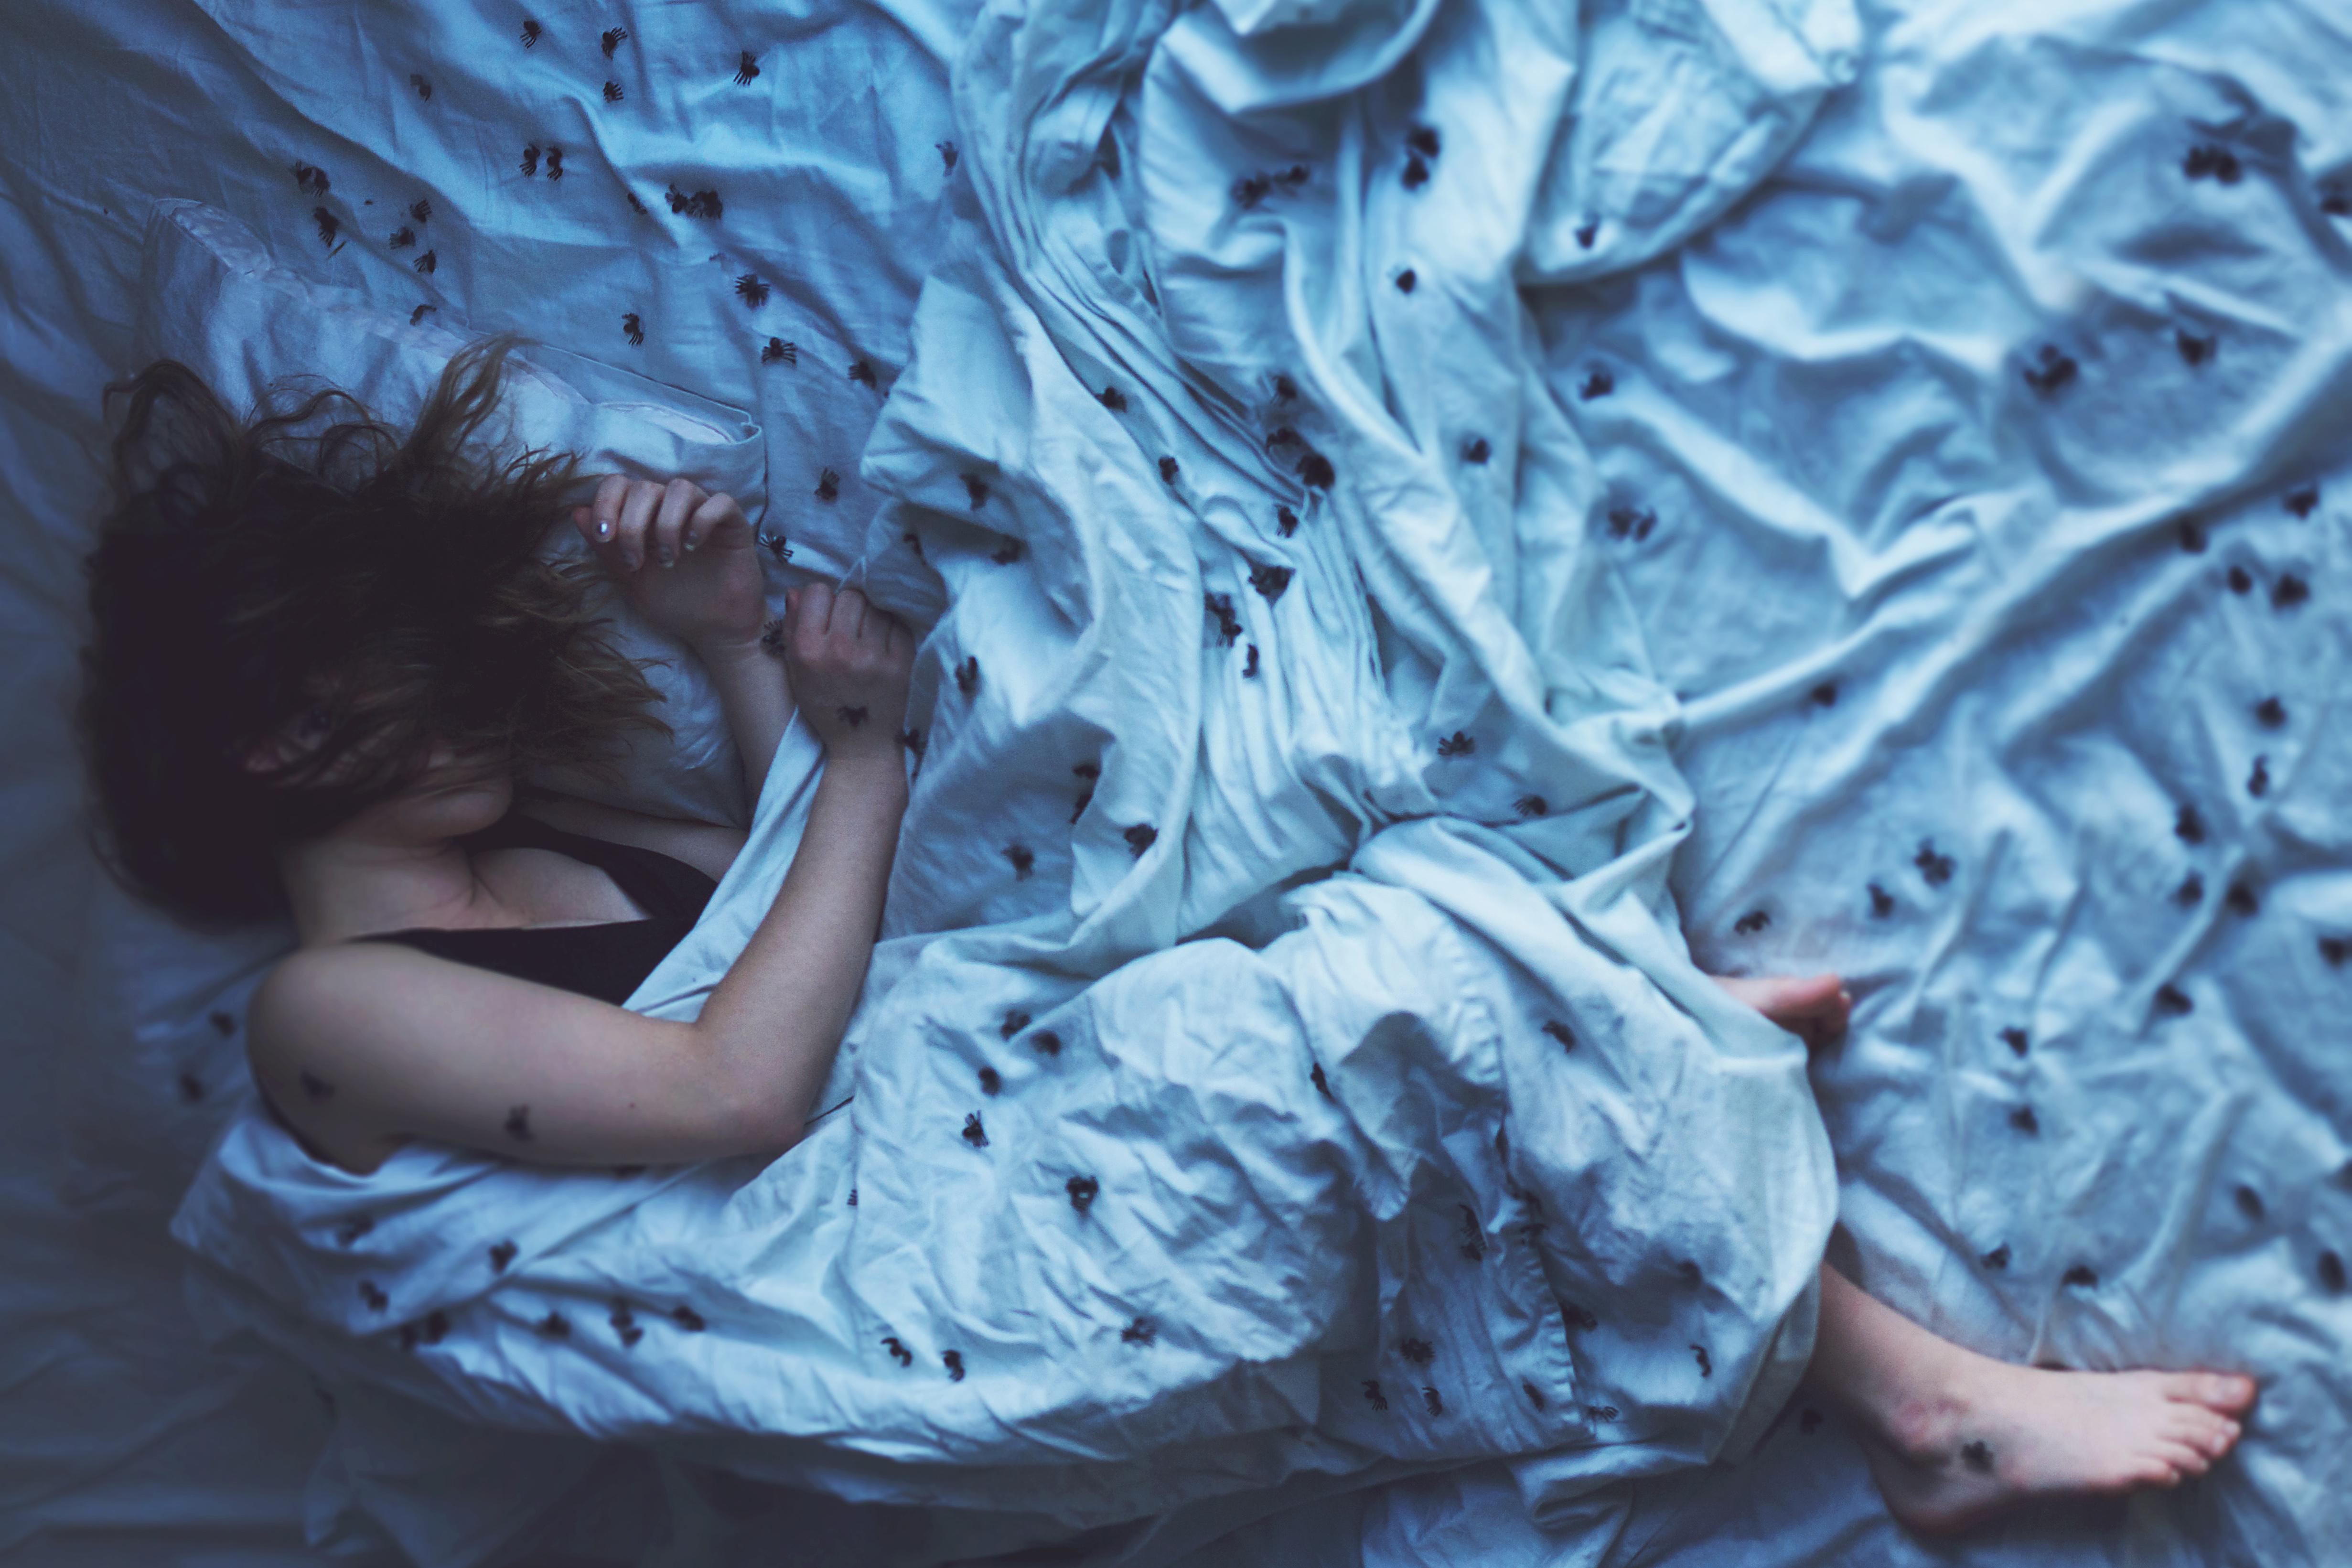 крупными европейскими сон видеть человека на фото без головы завораживающих очень красивых